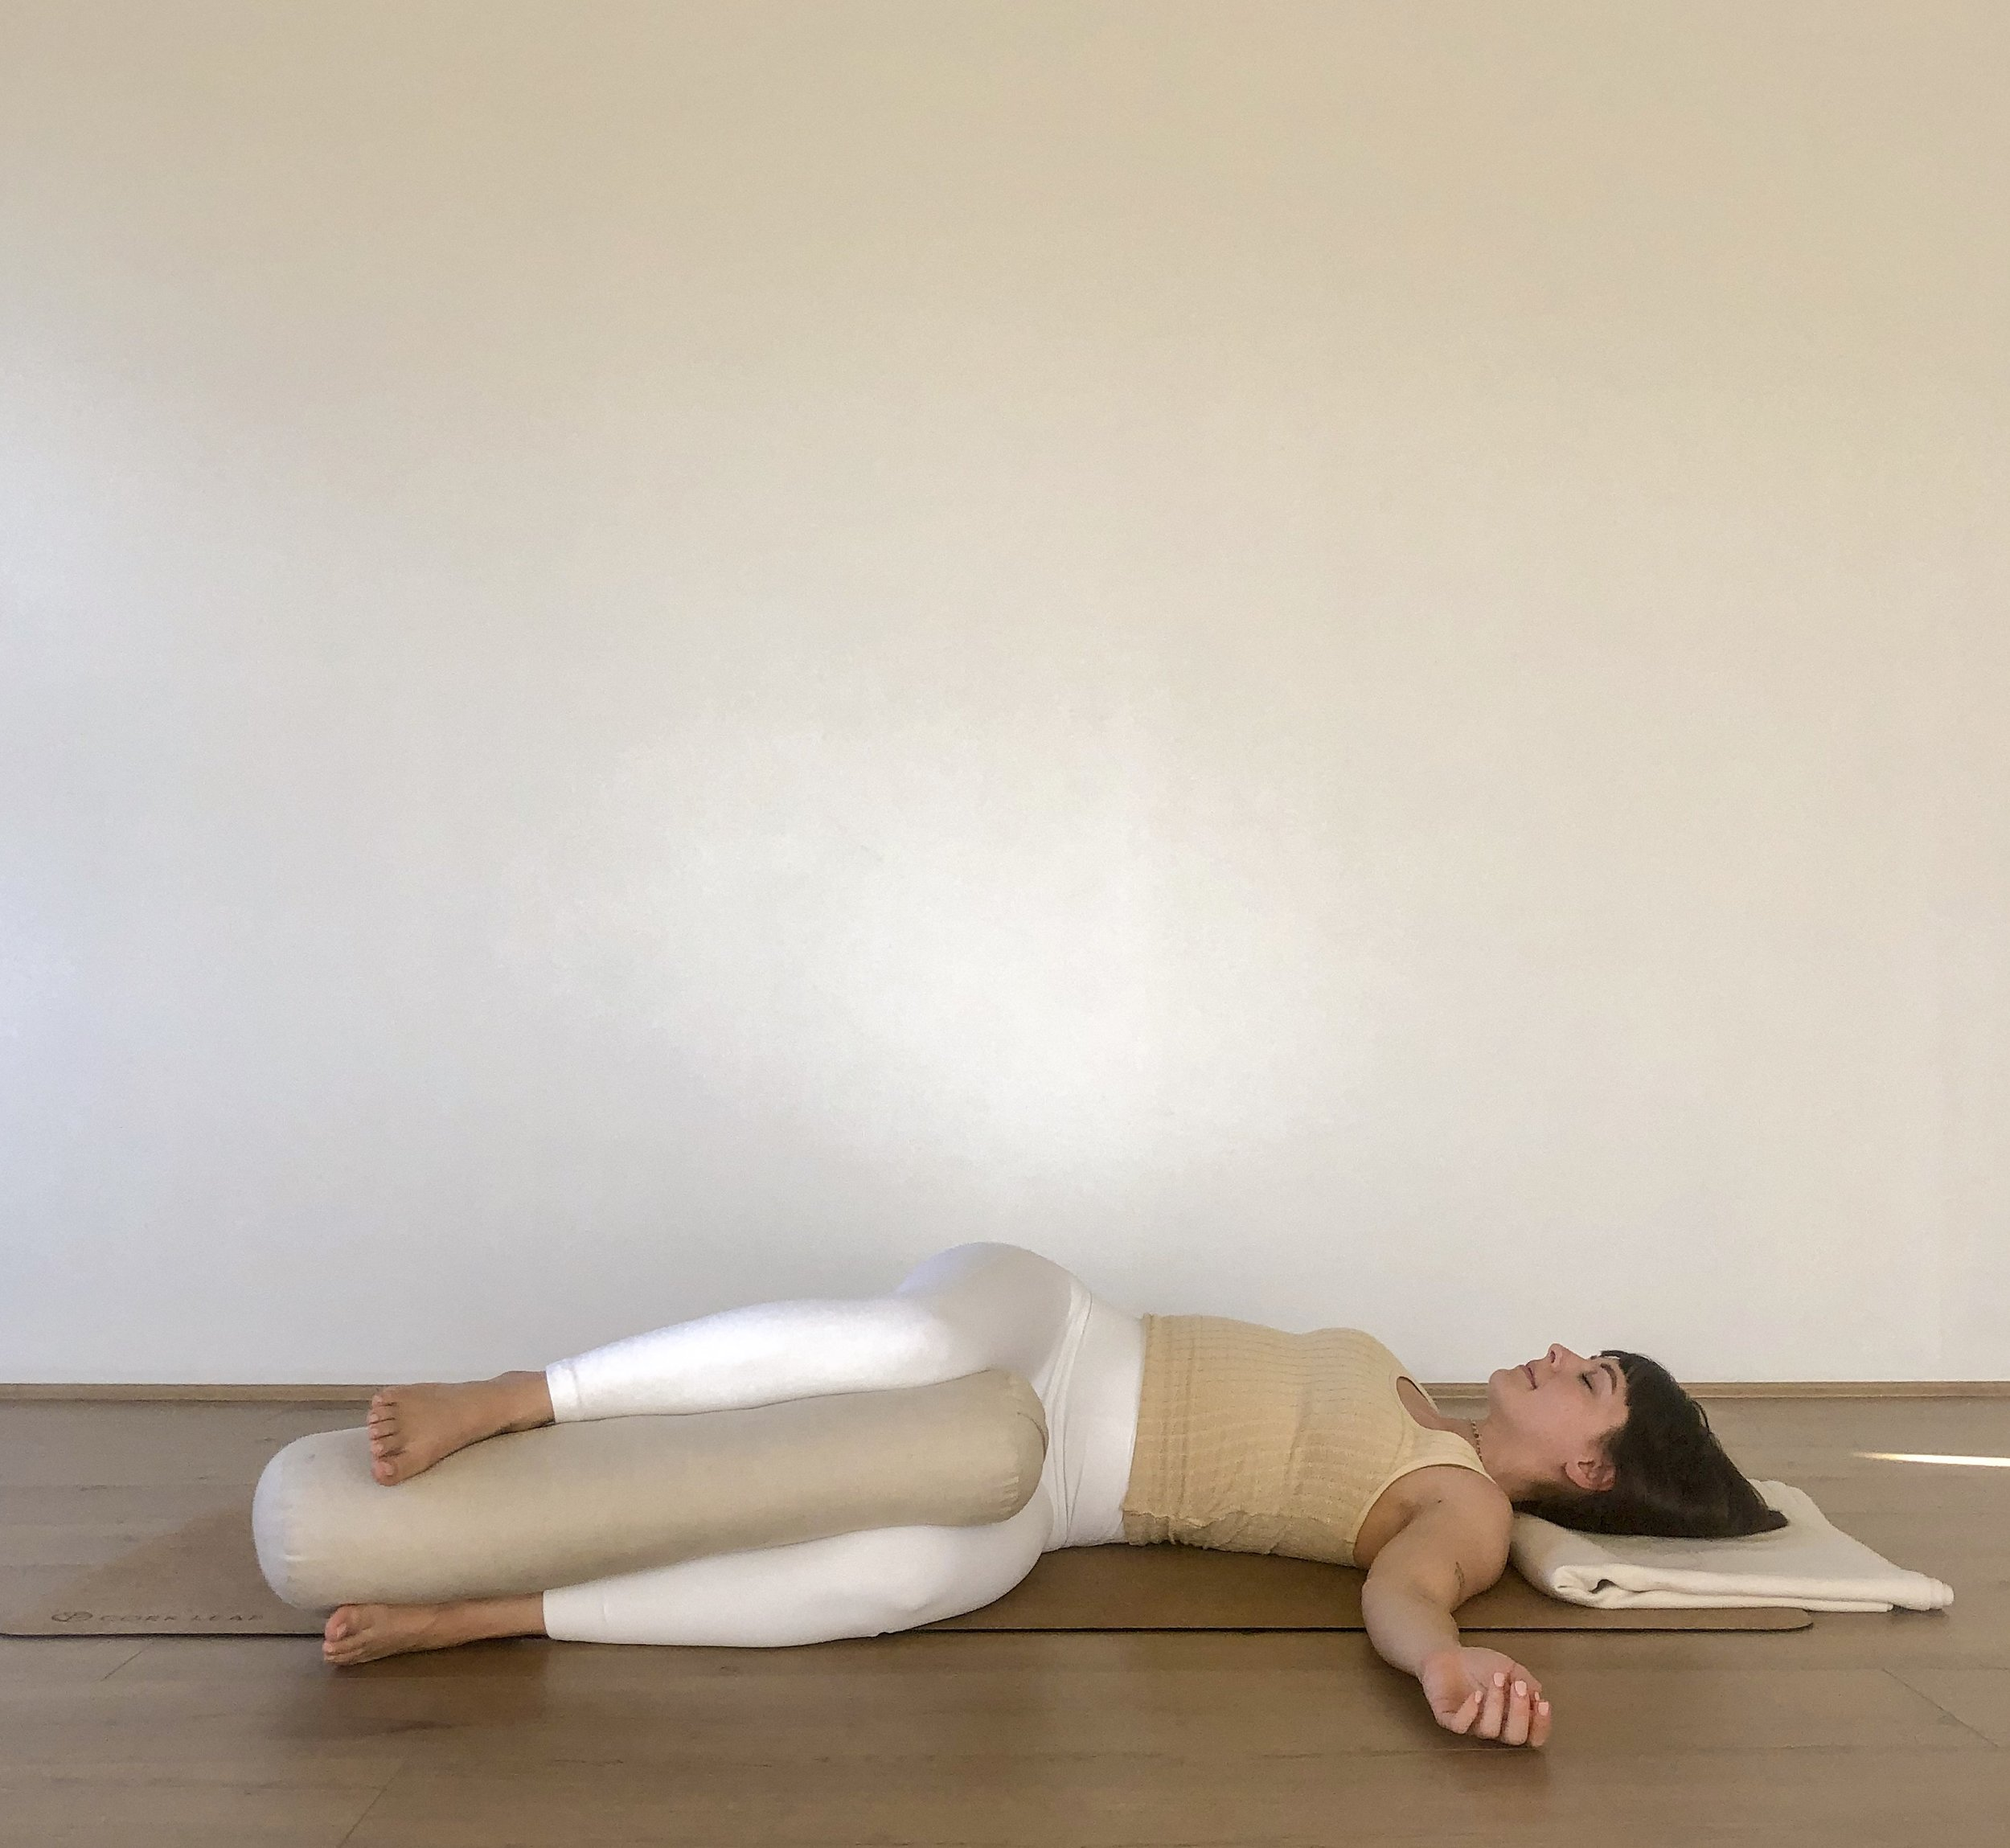 Supine Twist with Lower Body Stabilized